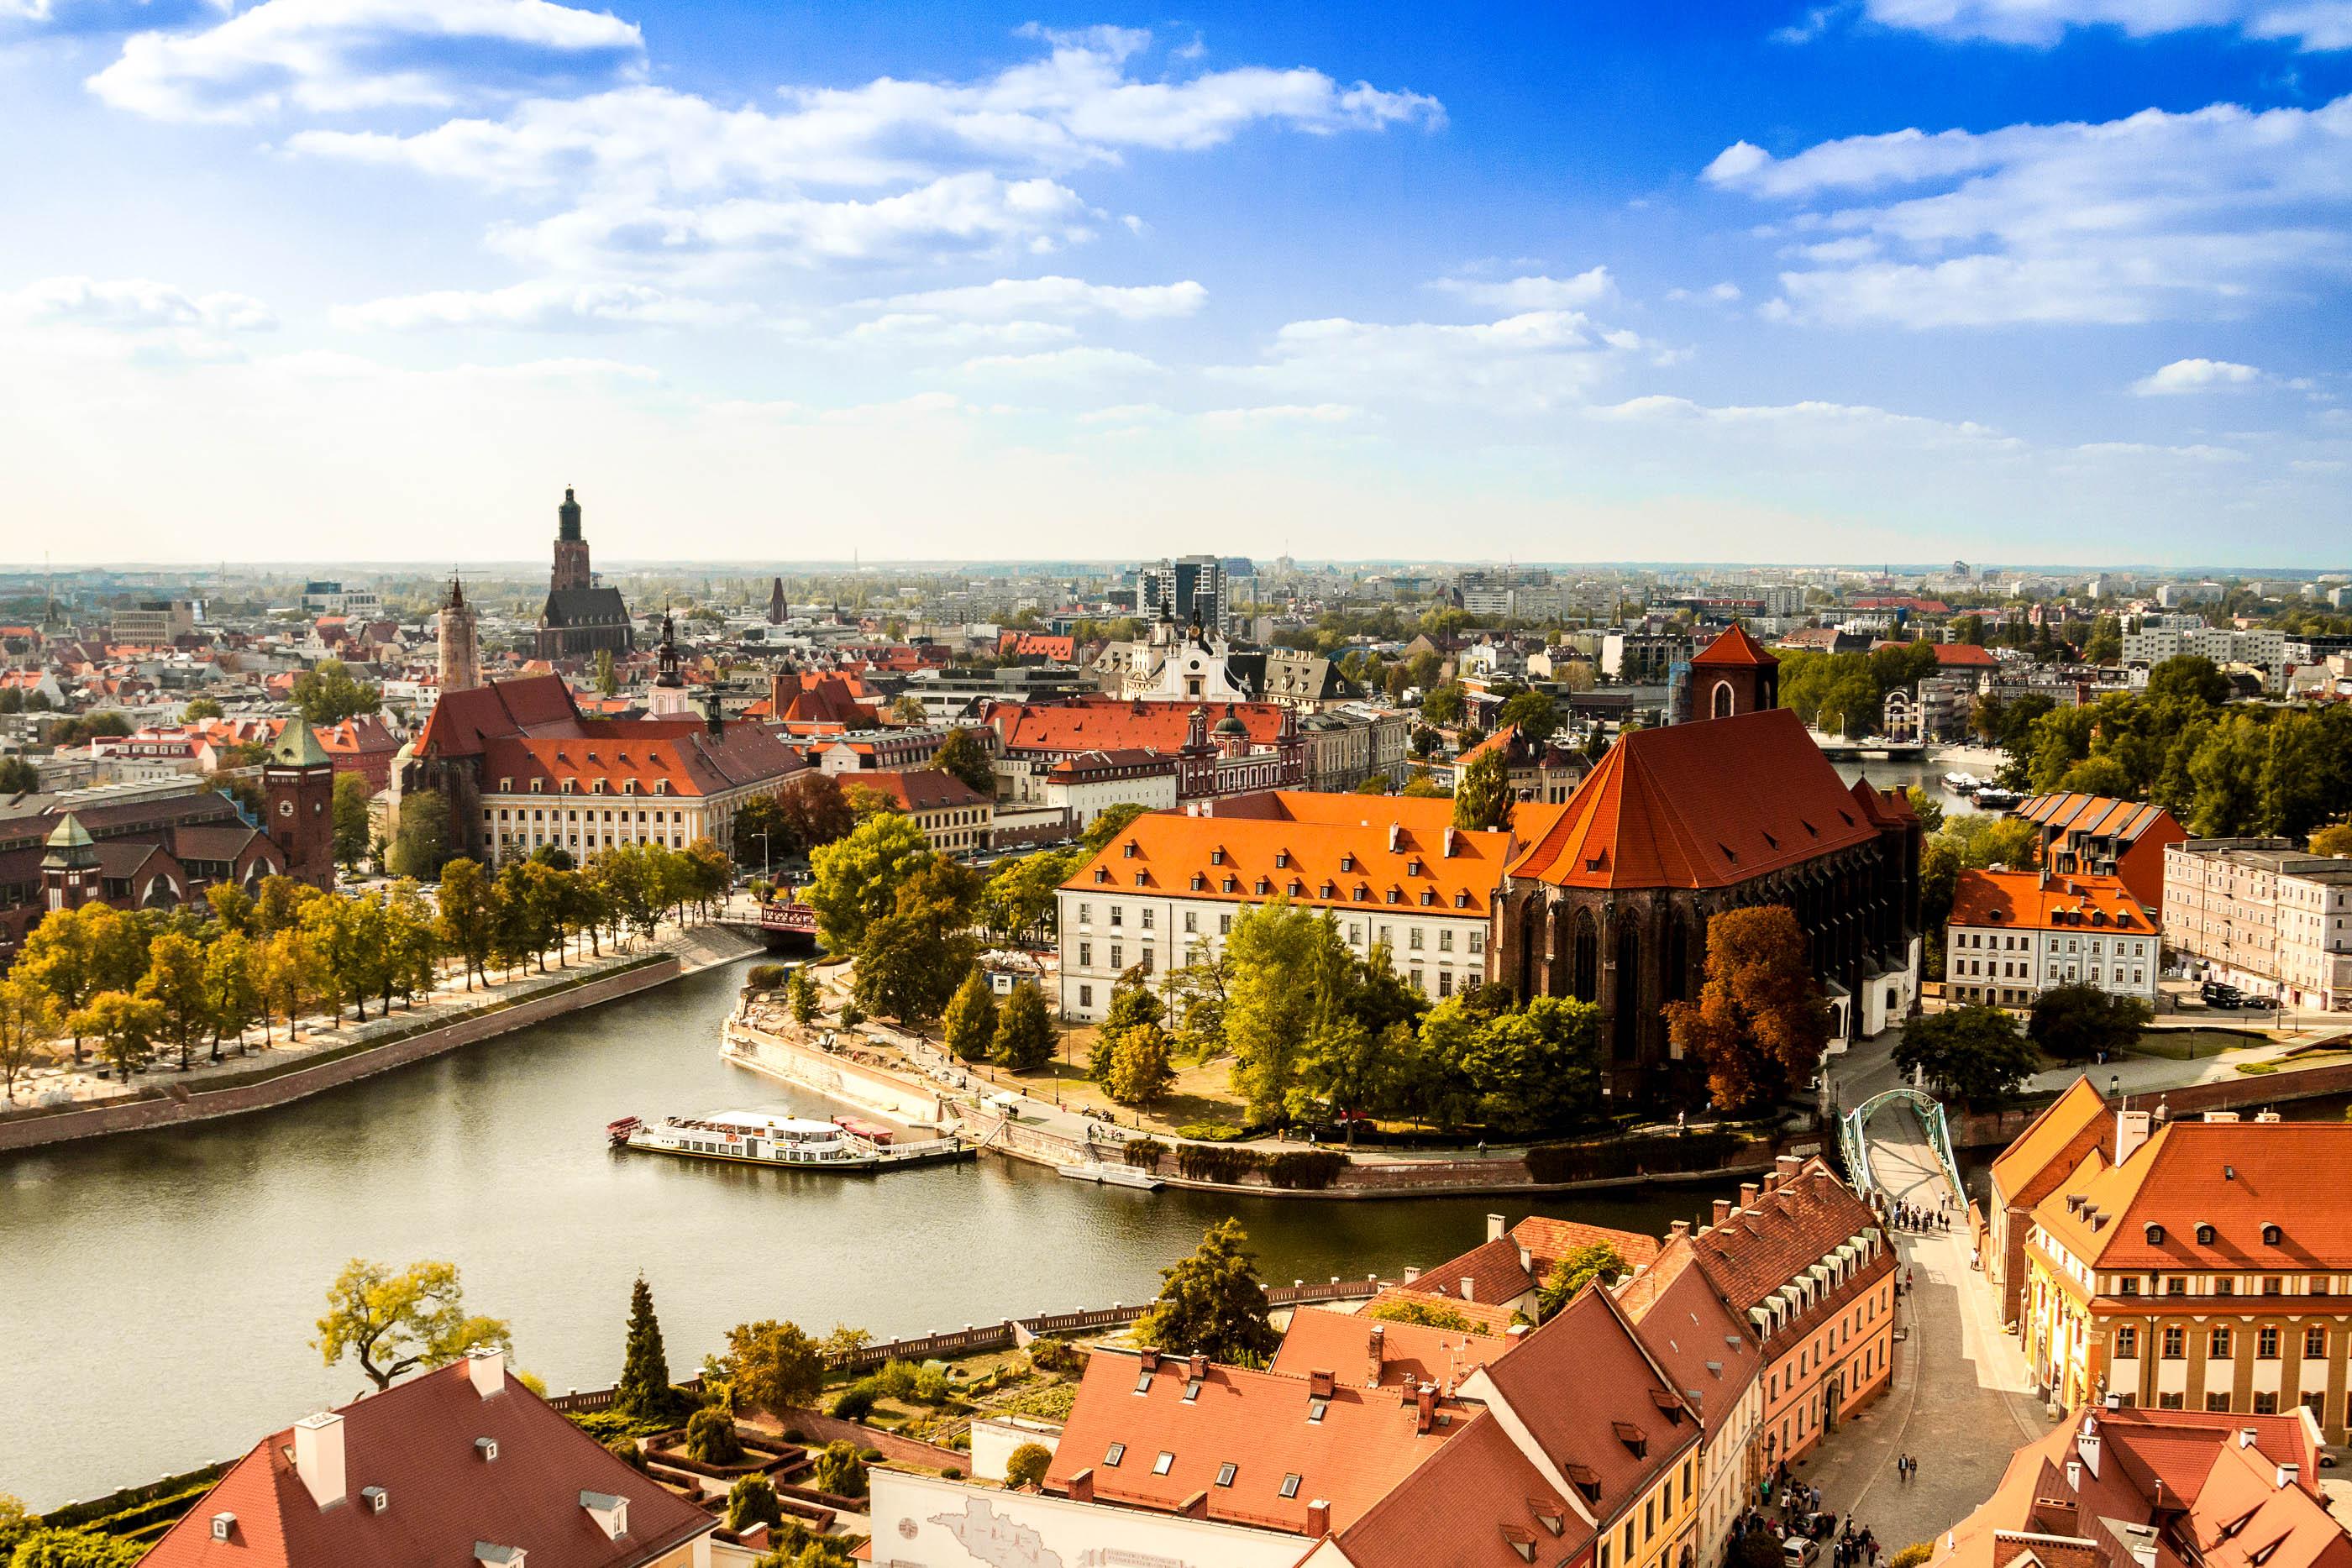 breslavia-este-unul-dintre-cele-mai-vechi-secret-world